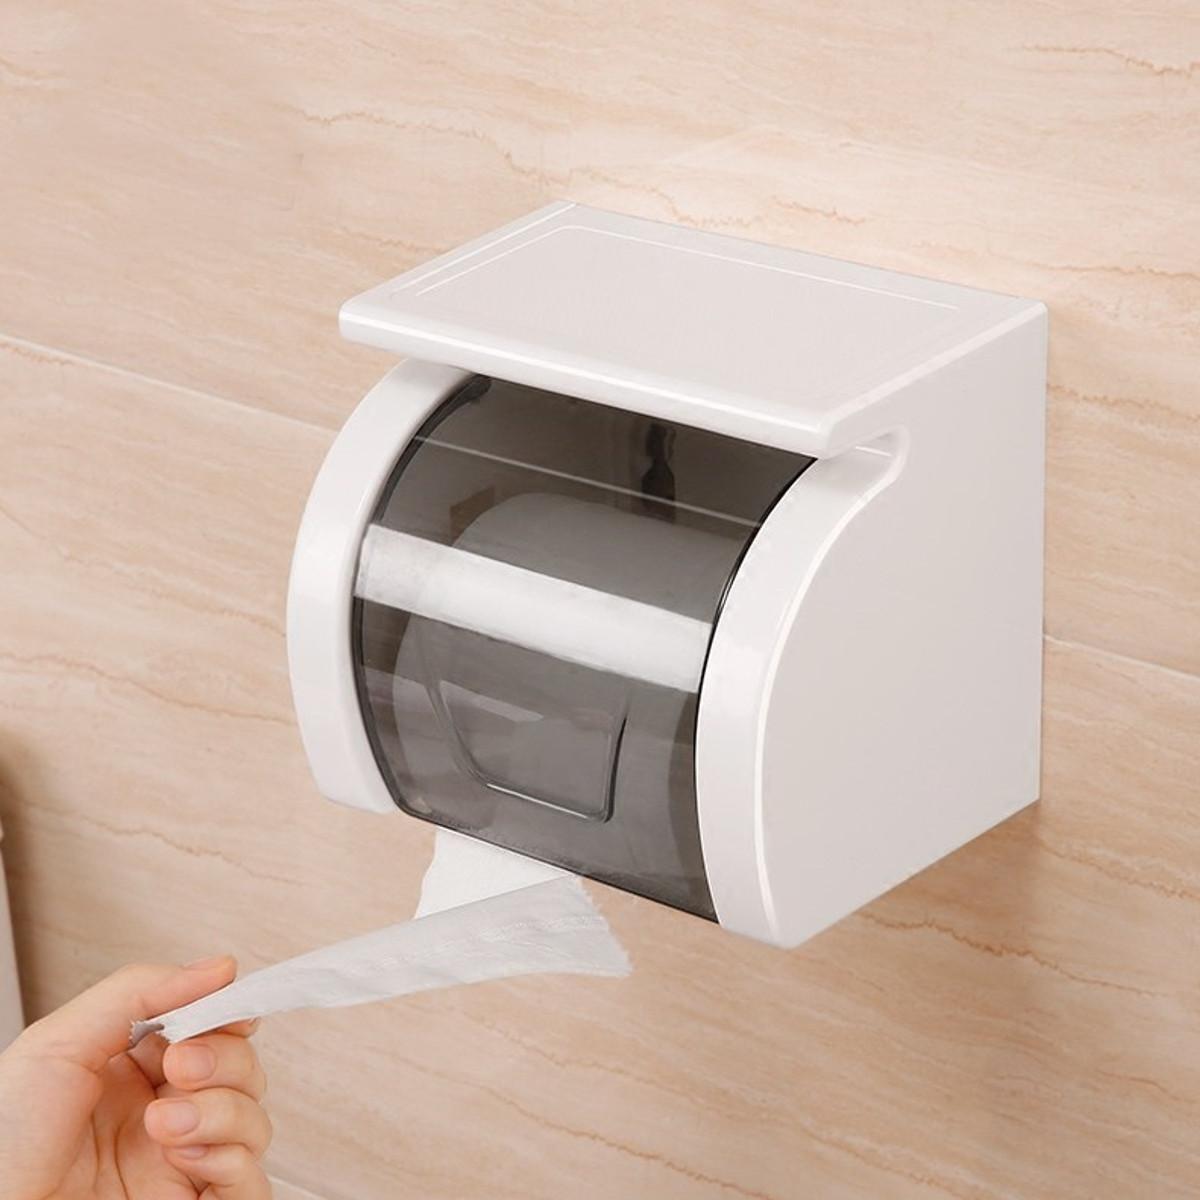 Toilet Paper Roll Shelf Holder Bathroom Tissue Box Dispenser Waterproof Easy Install